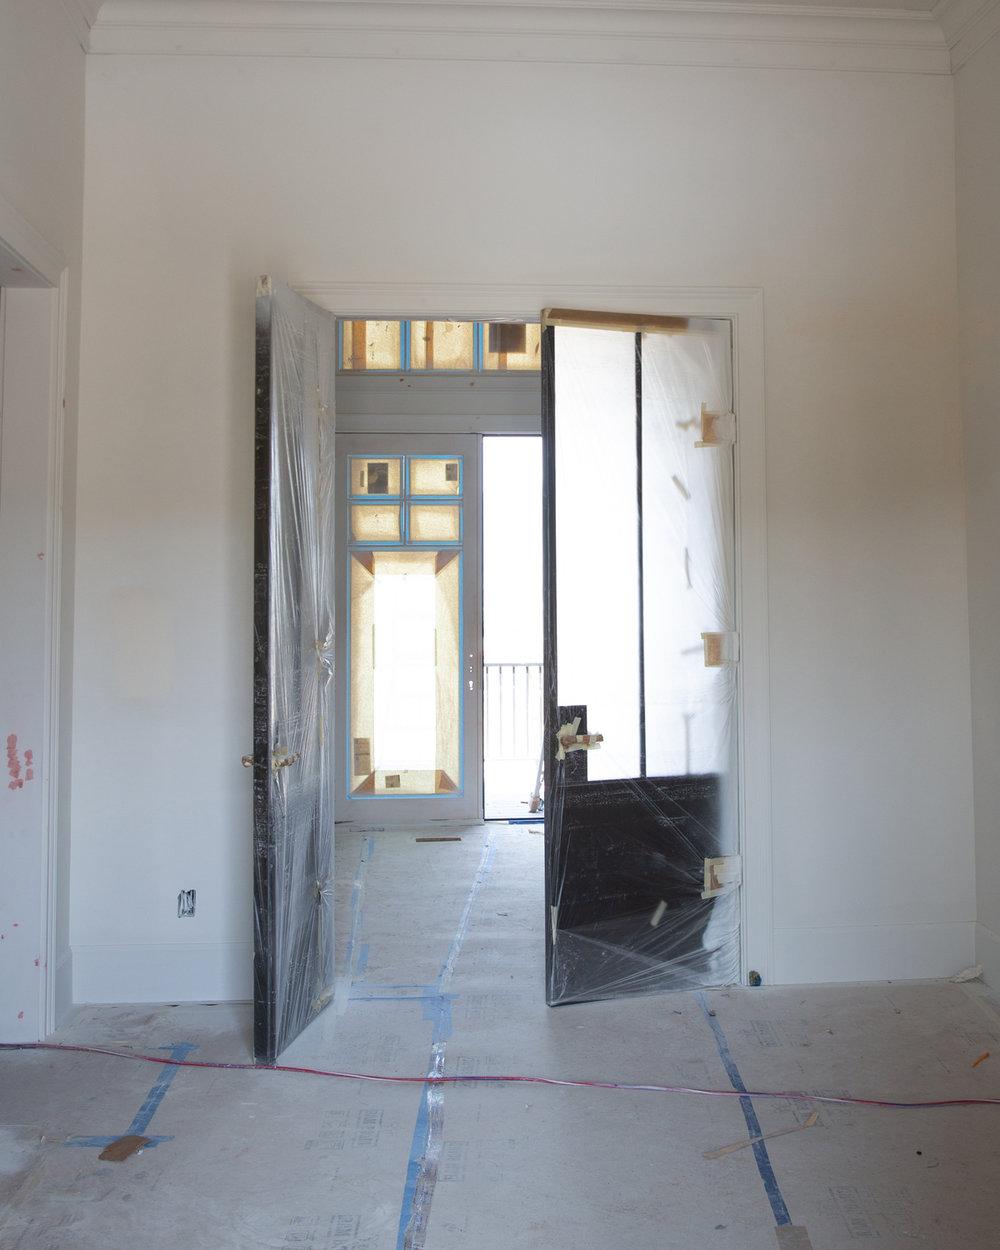 Studio McGee Home Showcase